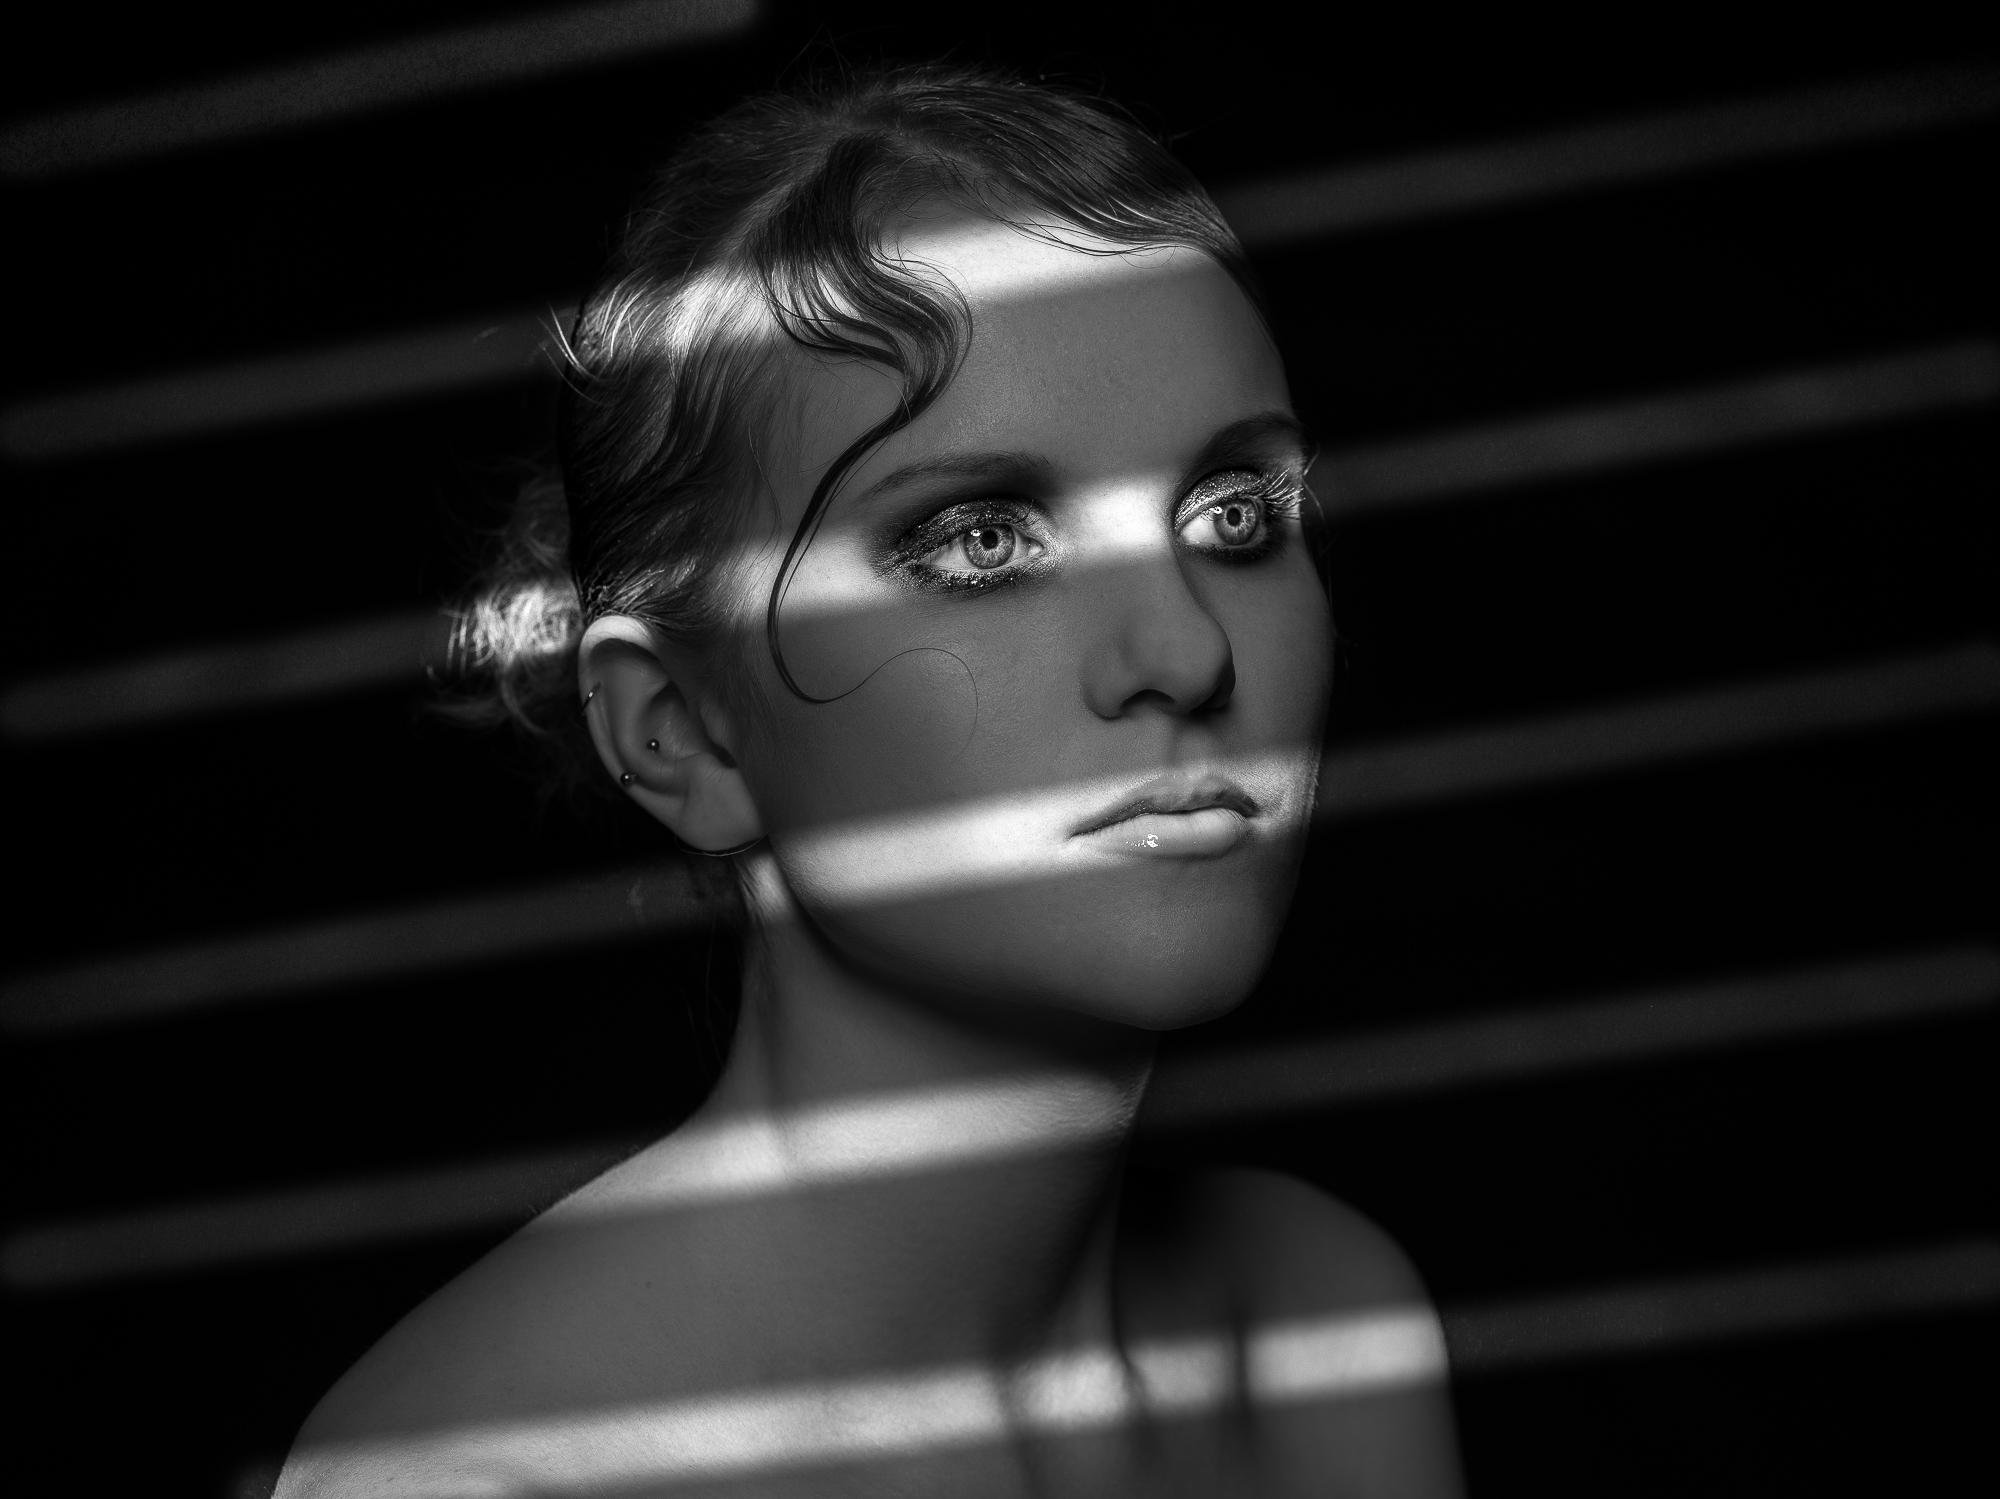 20190406-20190406-B0000156-Sophie_to print-Film Noir_Sophie_Test 7.jpg